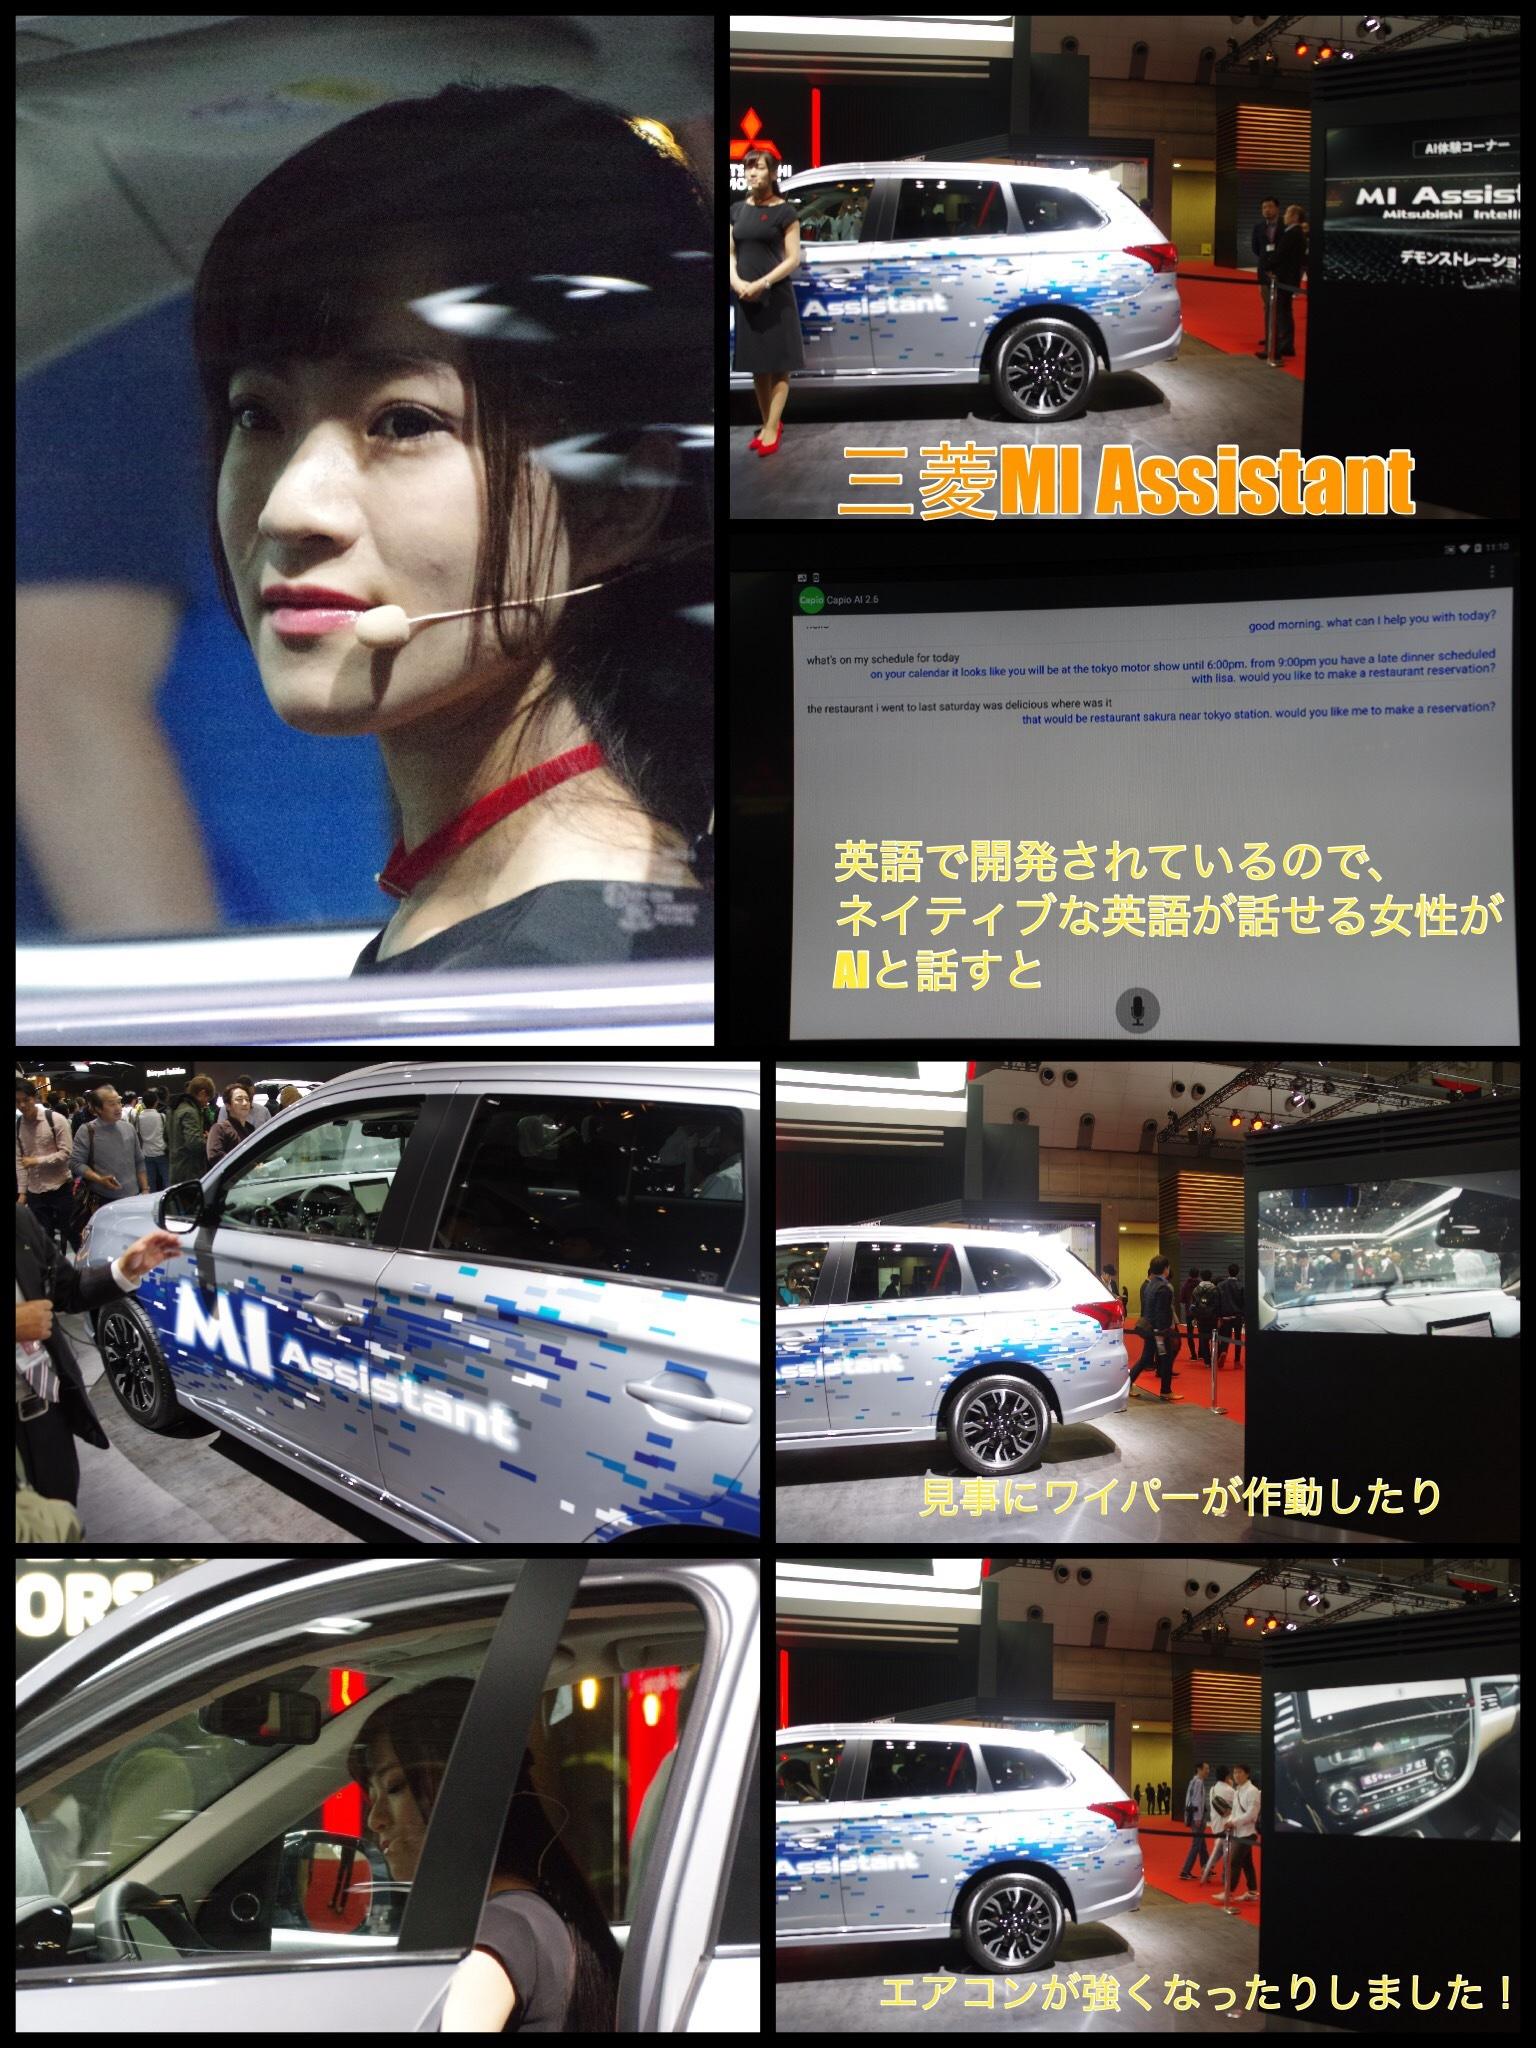 東京モーターショー2017 三菱ブース MI Assistant